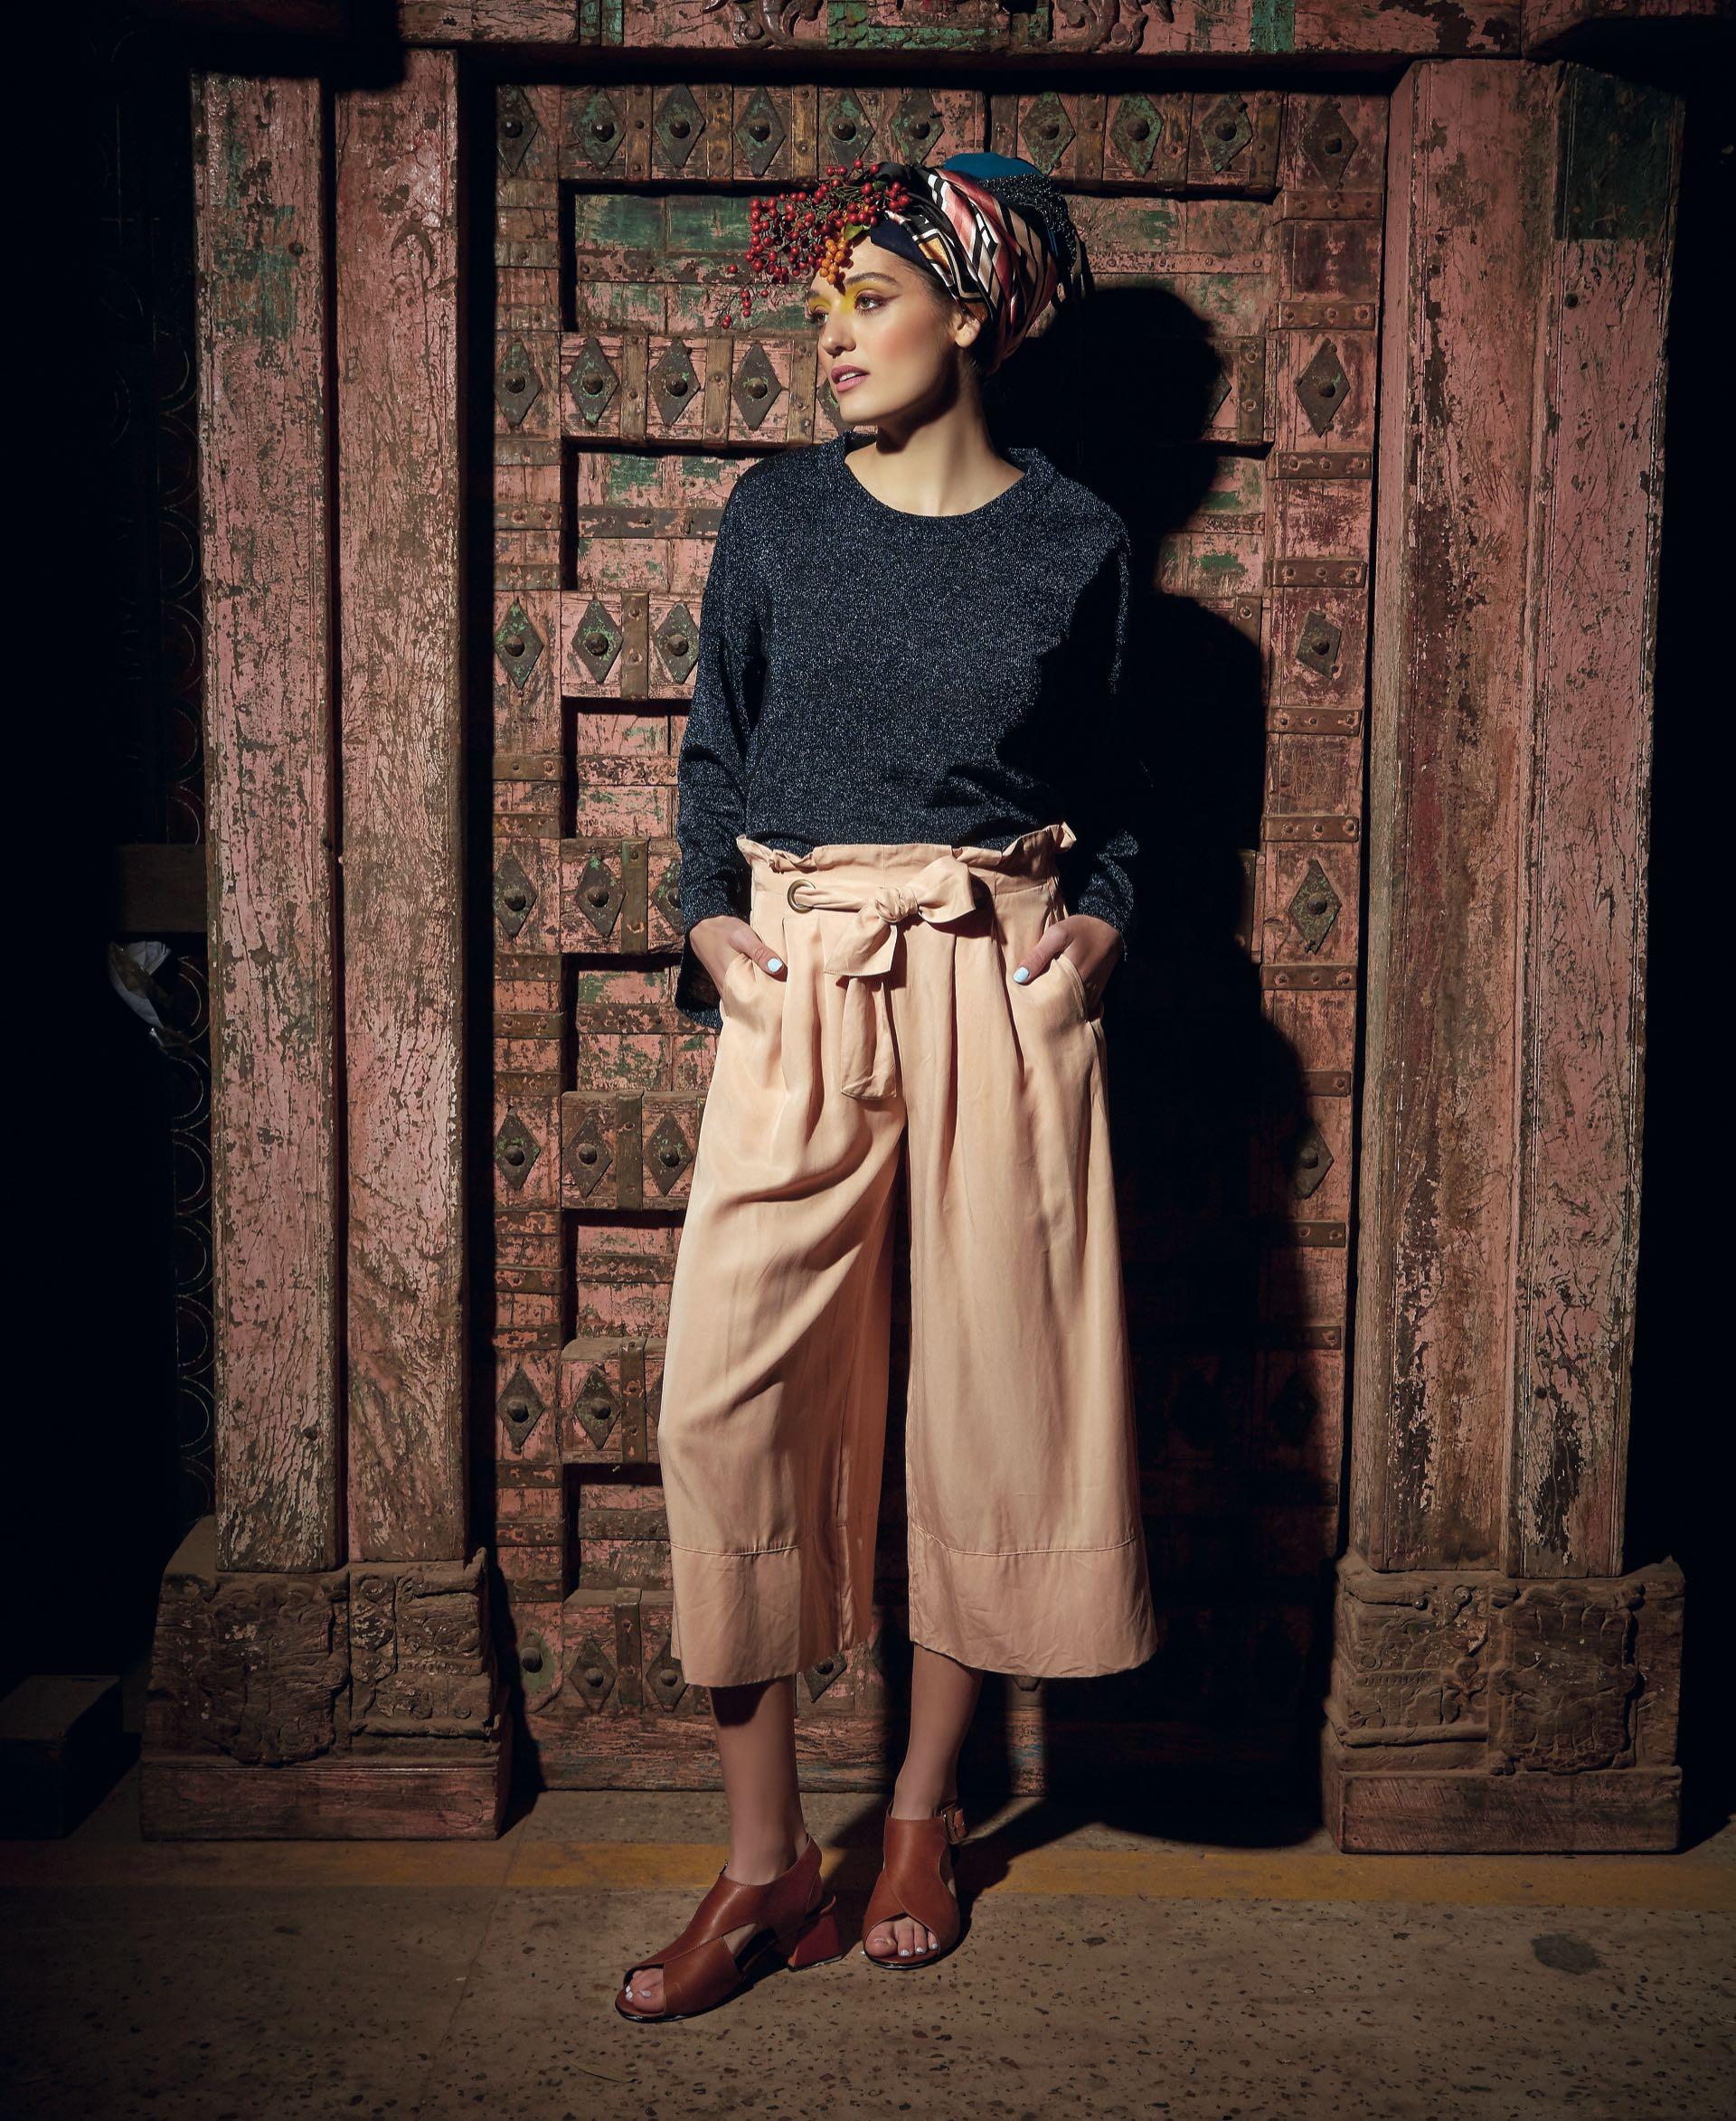 Suéter con brillos ($ 4.200, Uma), pantacourt ancho con lazo en la cintura ($ 3.500, Rapsodia) y zapatos con taco cuadrado ($ 6.340, Mishka). (Foto: Marcello Molinari/ Para Ti)